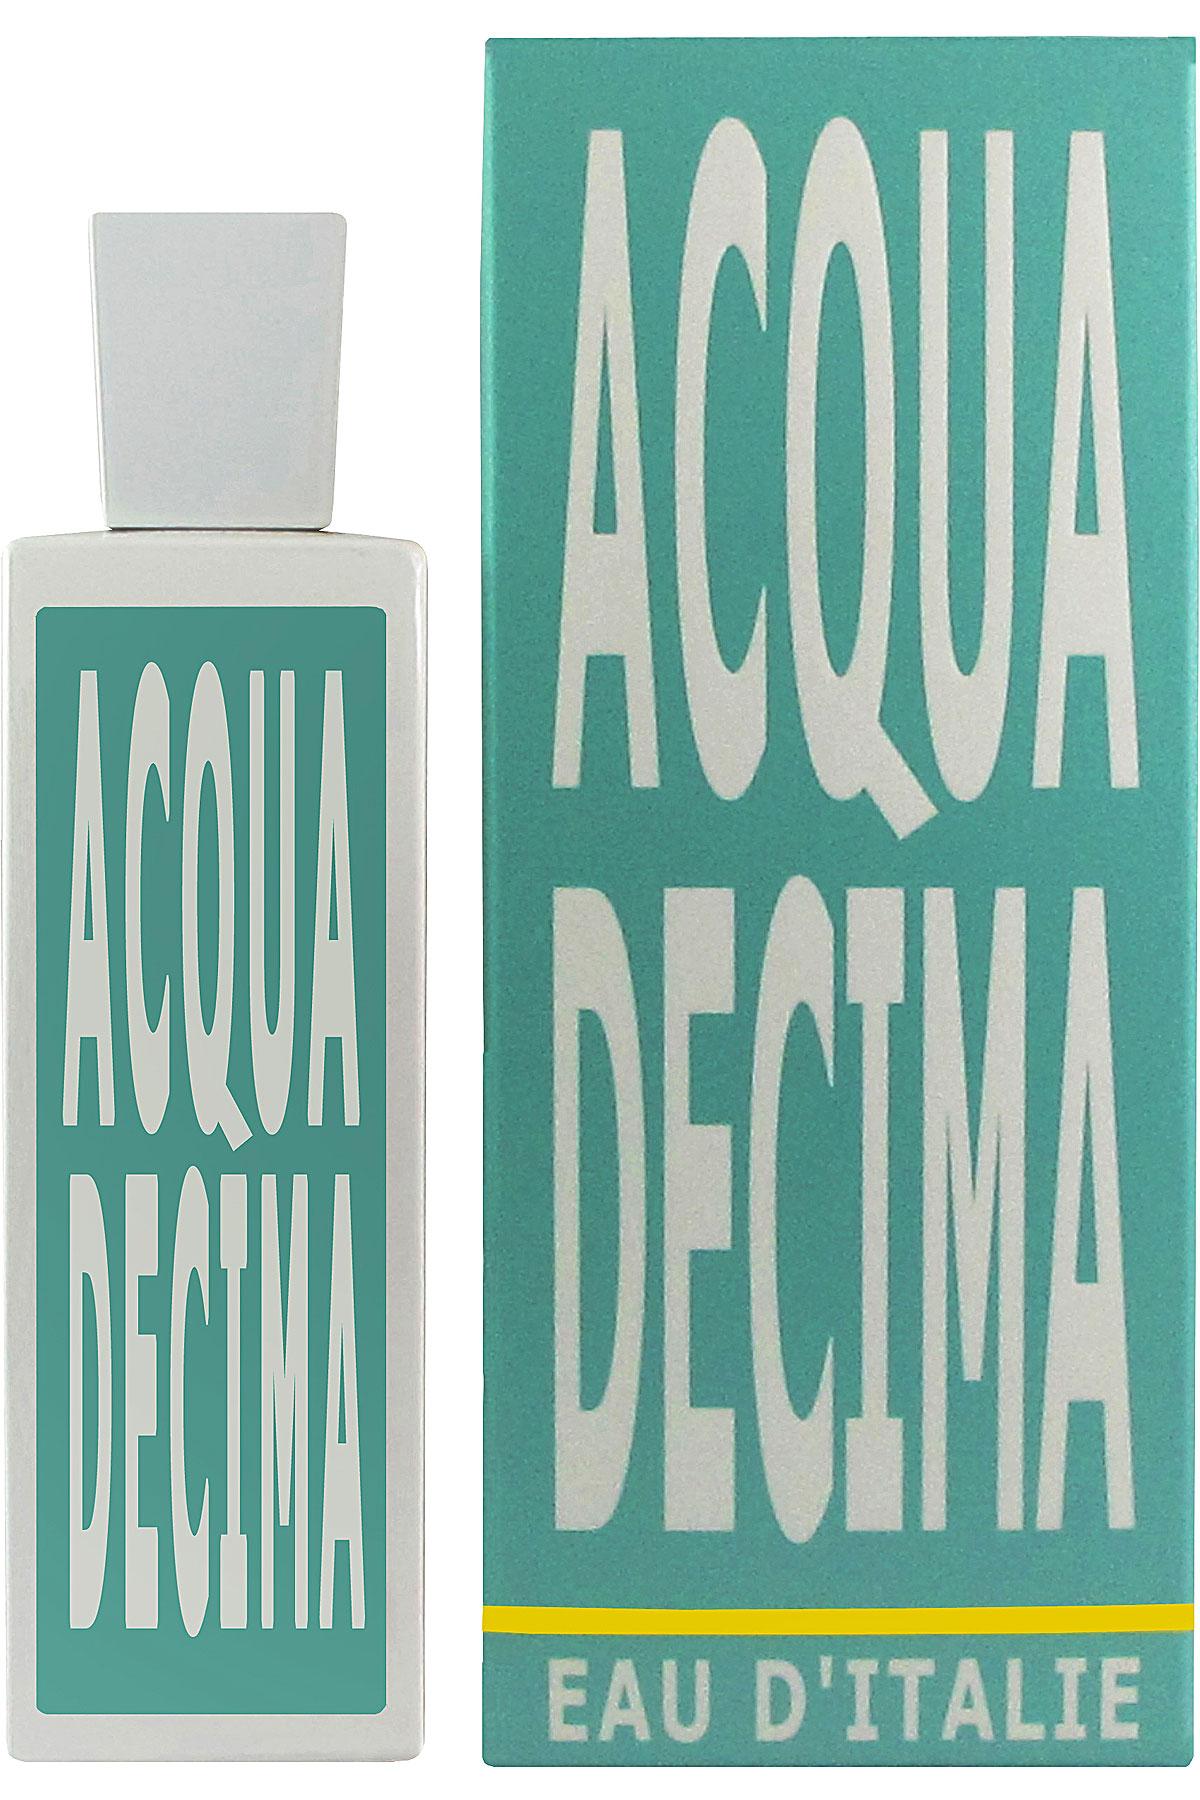 Eau D Italie Fragrances for Men, Acqua Decima - Eau De Toilette - 100 Ml, 2019, 100 ml